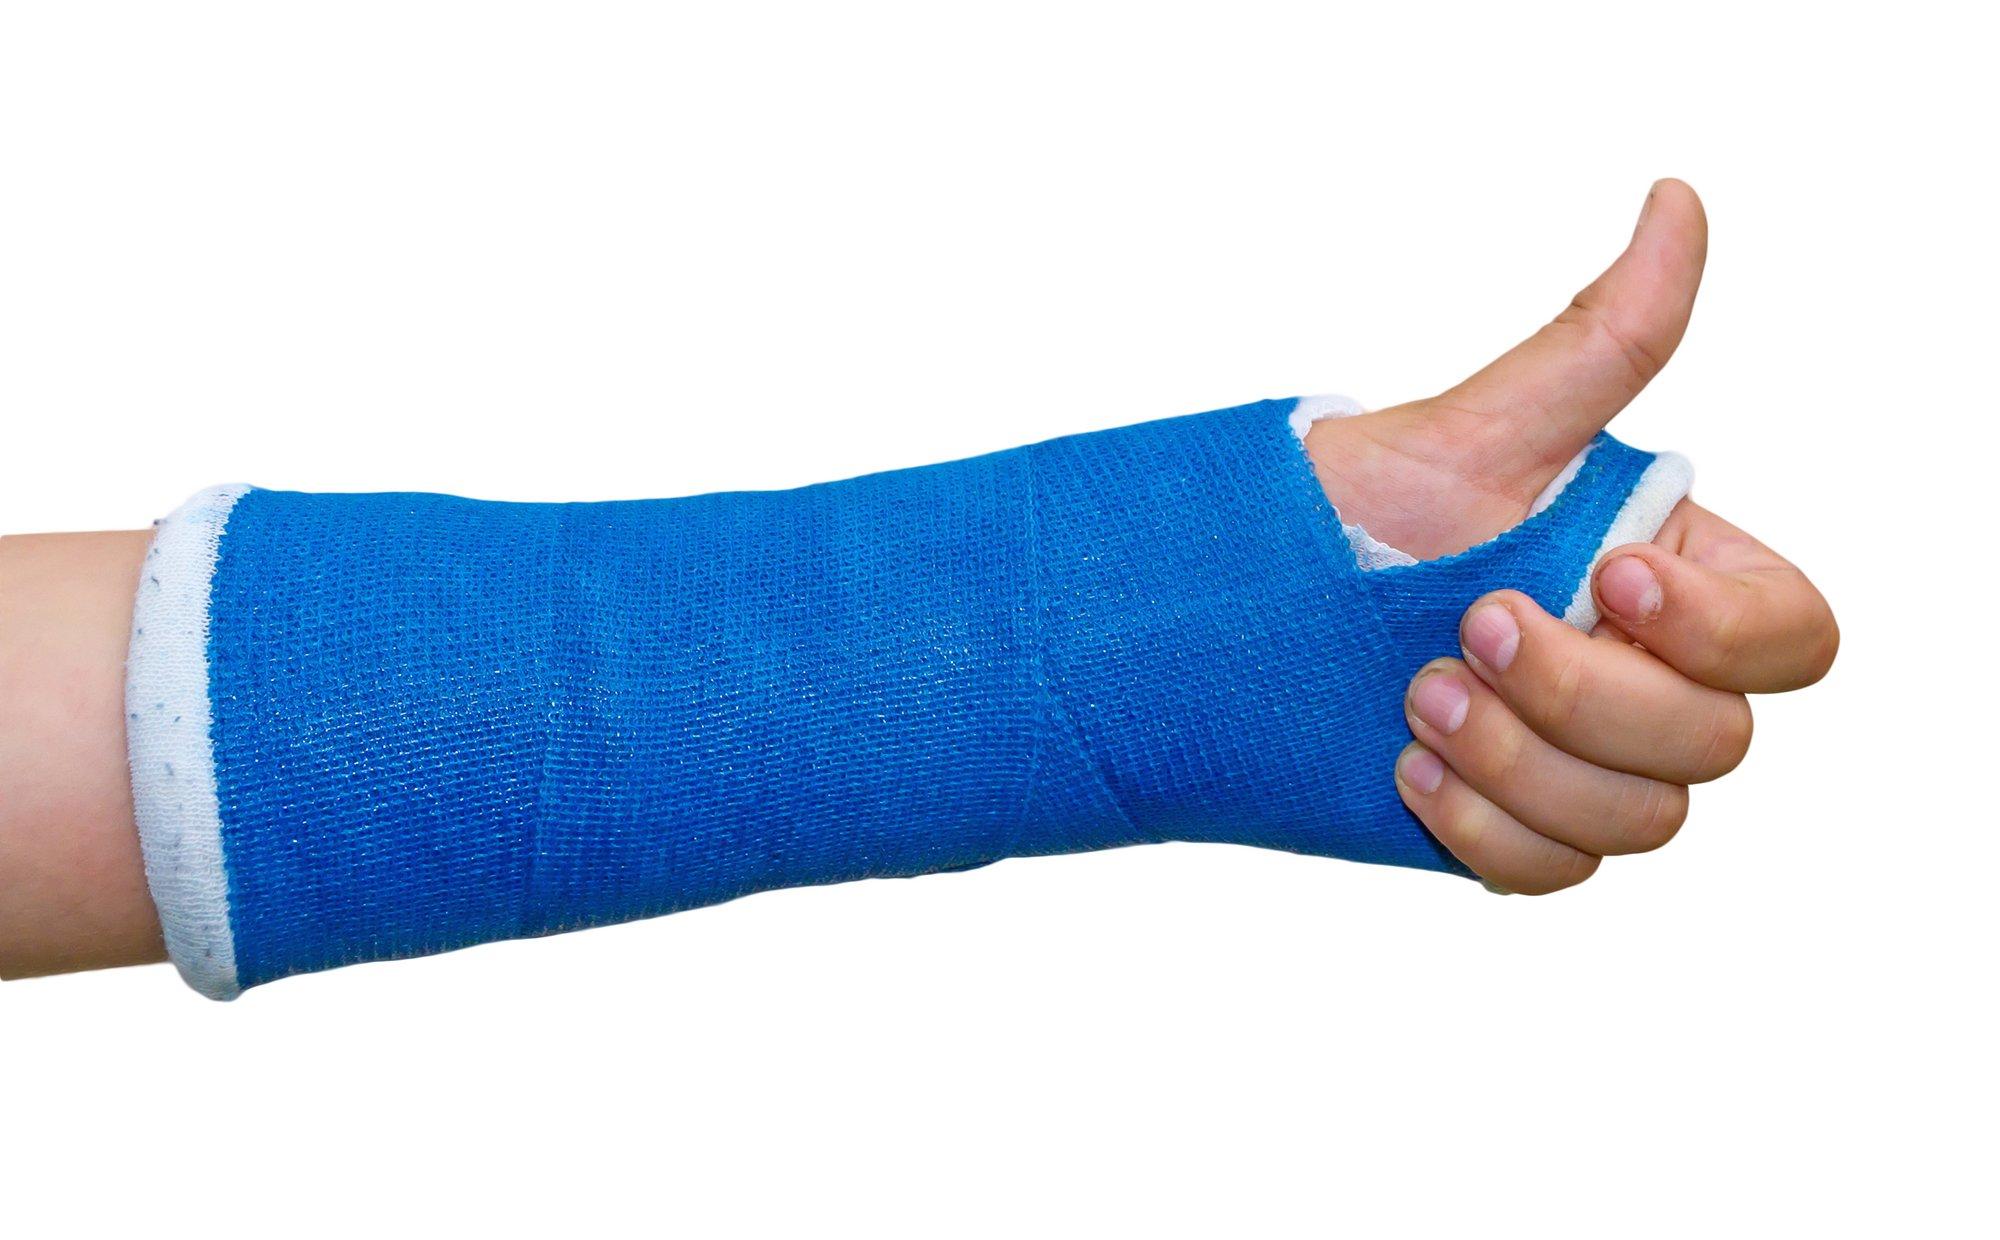 Doktore, znam da sam slomio ruku, ali je li mogu ipak na planinarenje…?